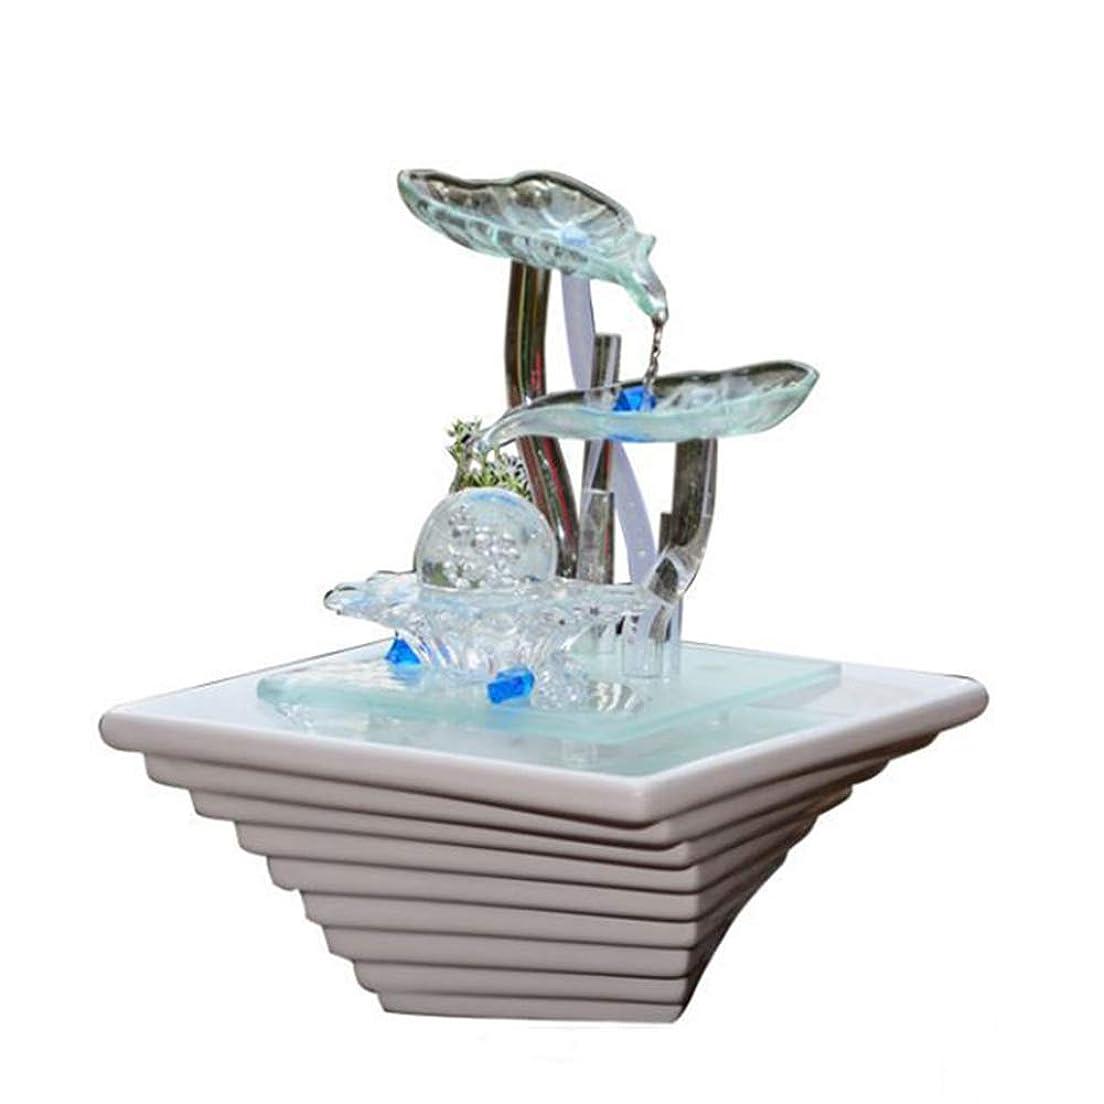 首謀者成長する虚偽加湿器ホームデスクトップの装飾セラミックガラス工芸品の装飾品噴水装飾品バレンタインデー結婚式の誕生日パーフェクトギフト